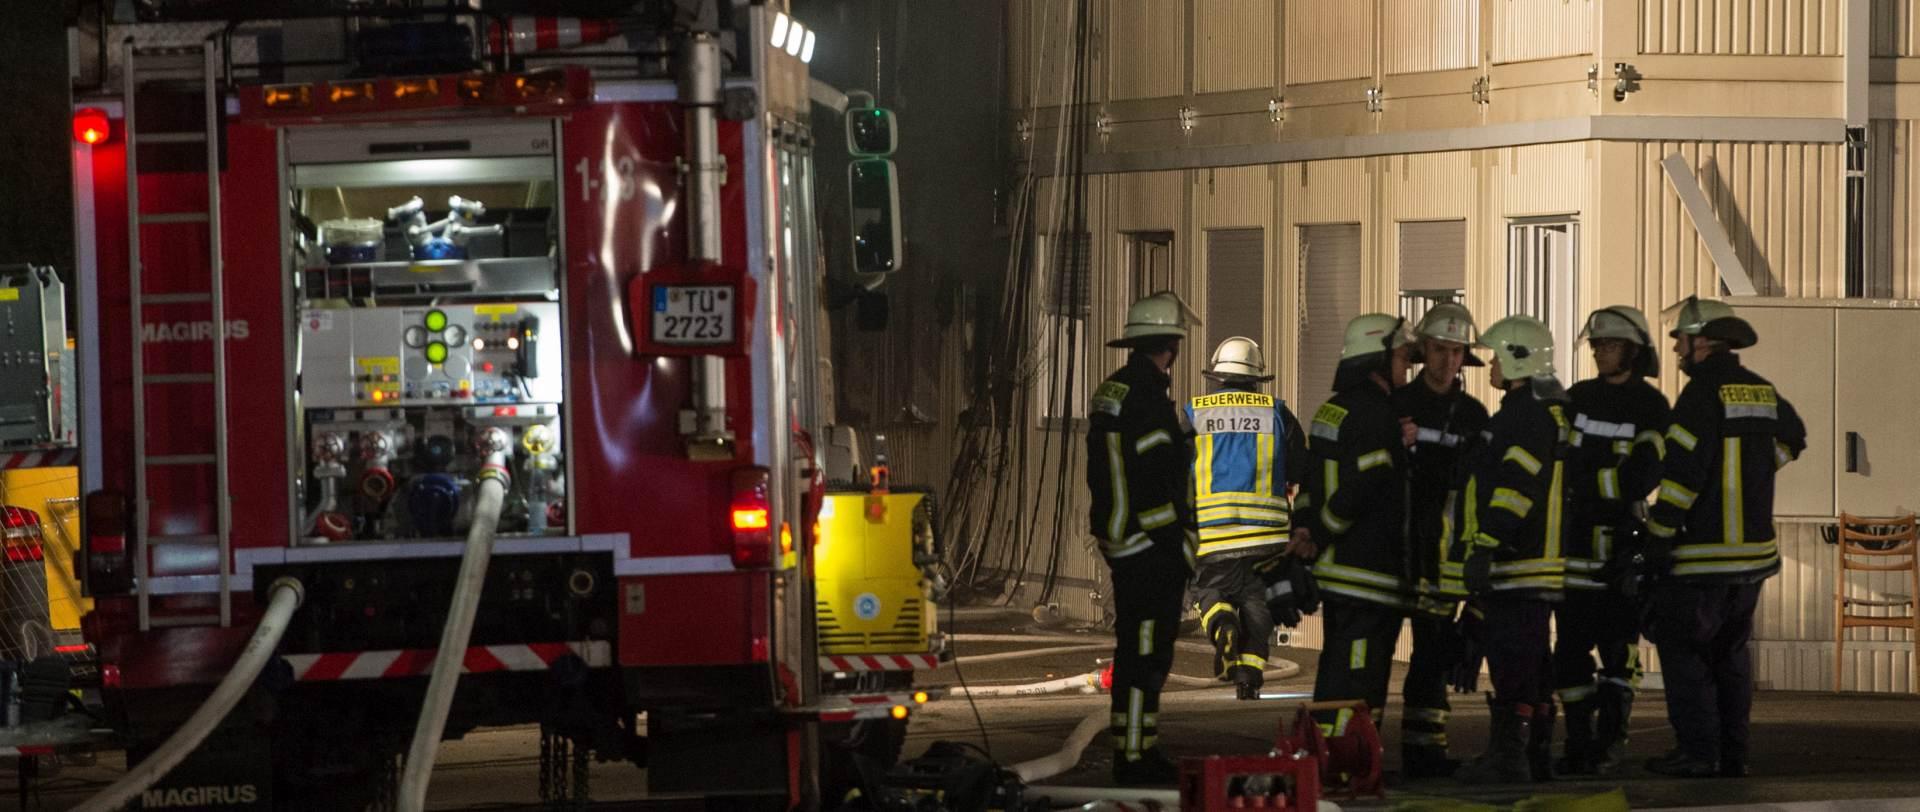 NEPOZNAT UZROK: Dva požara u izbjegličkim prihvatilištima u Njemačkoj